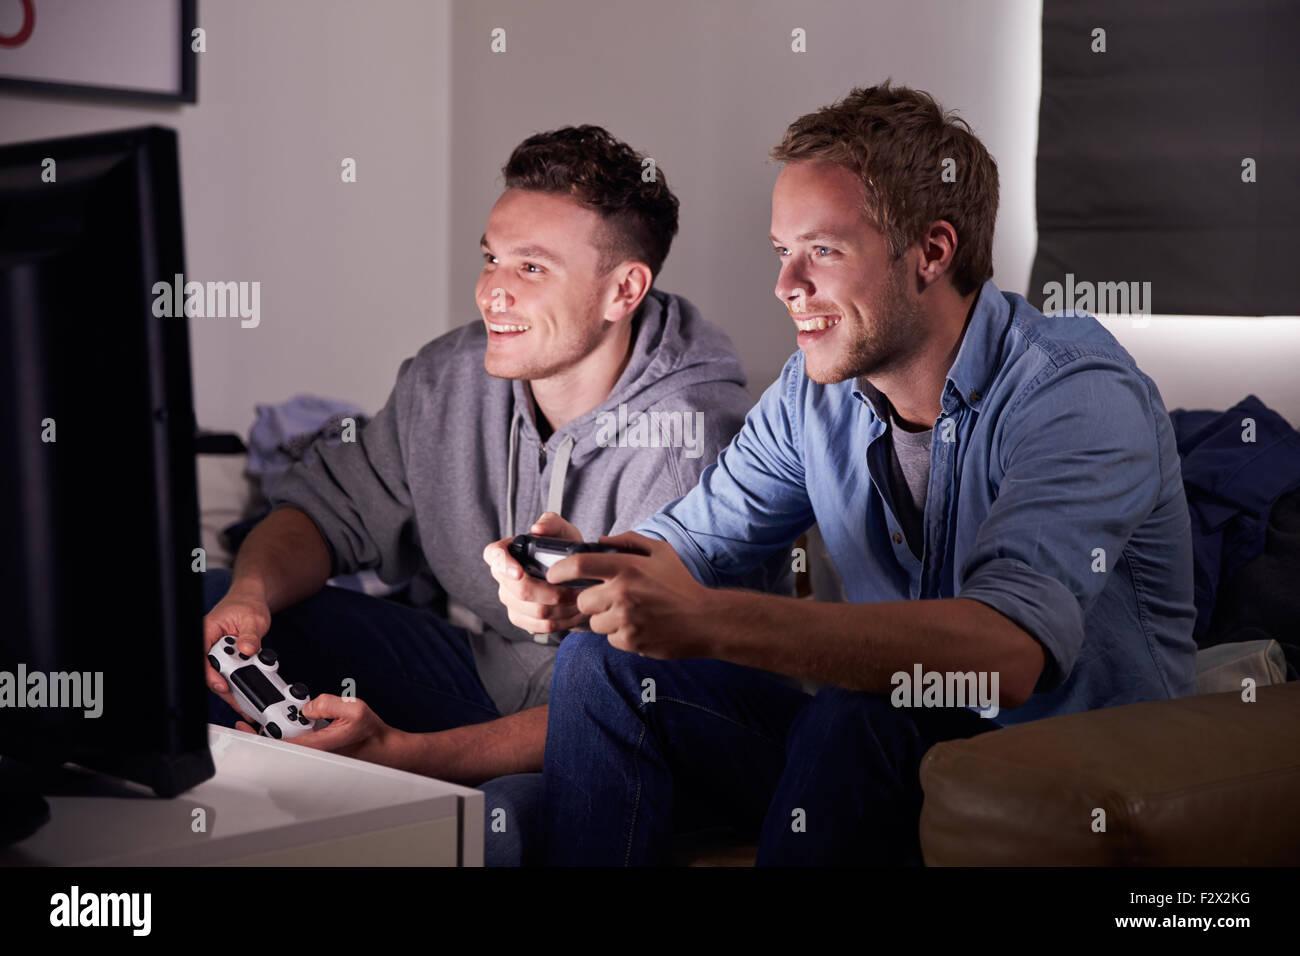 Deux jeunes hommes jouant au Jeu Vidéo Accueil Photo Stock